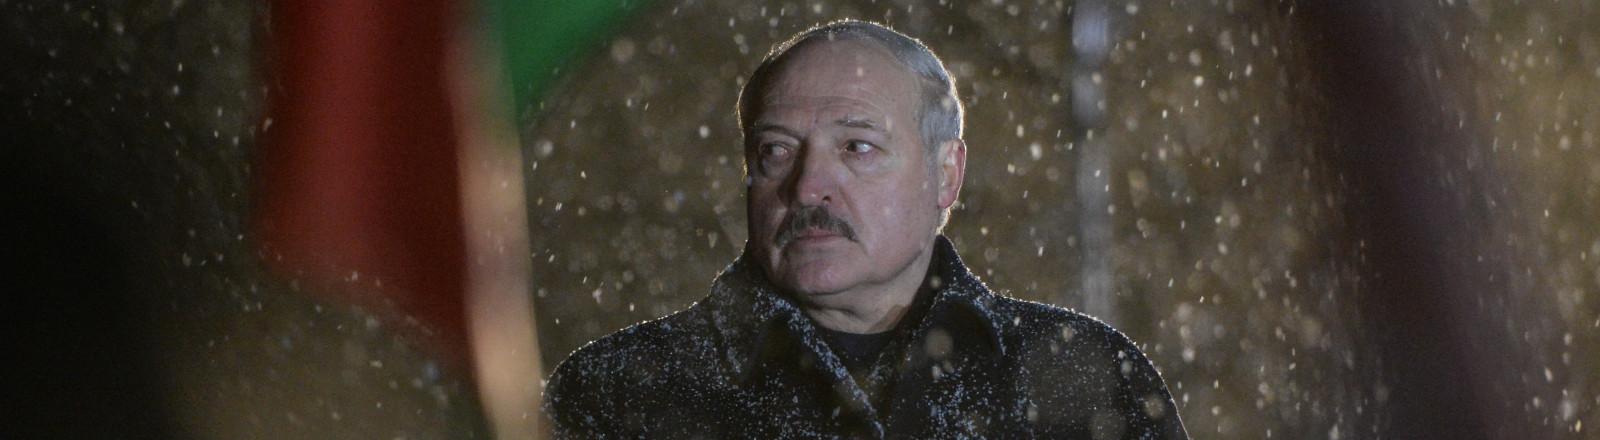 Belarusian President Alexander Lukashenko attends a rally marking the 78th anniversary of the Khatyn massacre at the Khatyn memorial, Minsk region, Belarus.